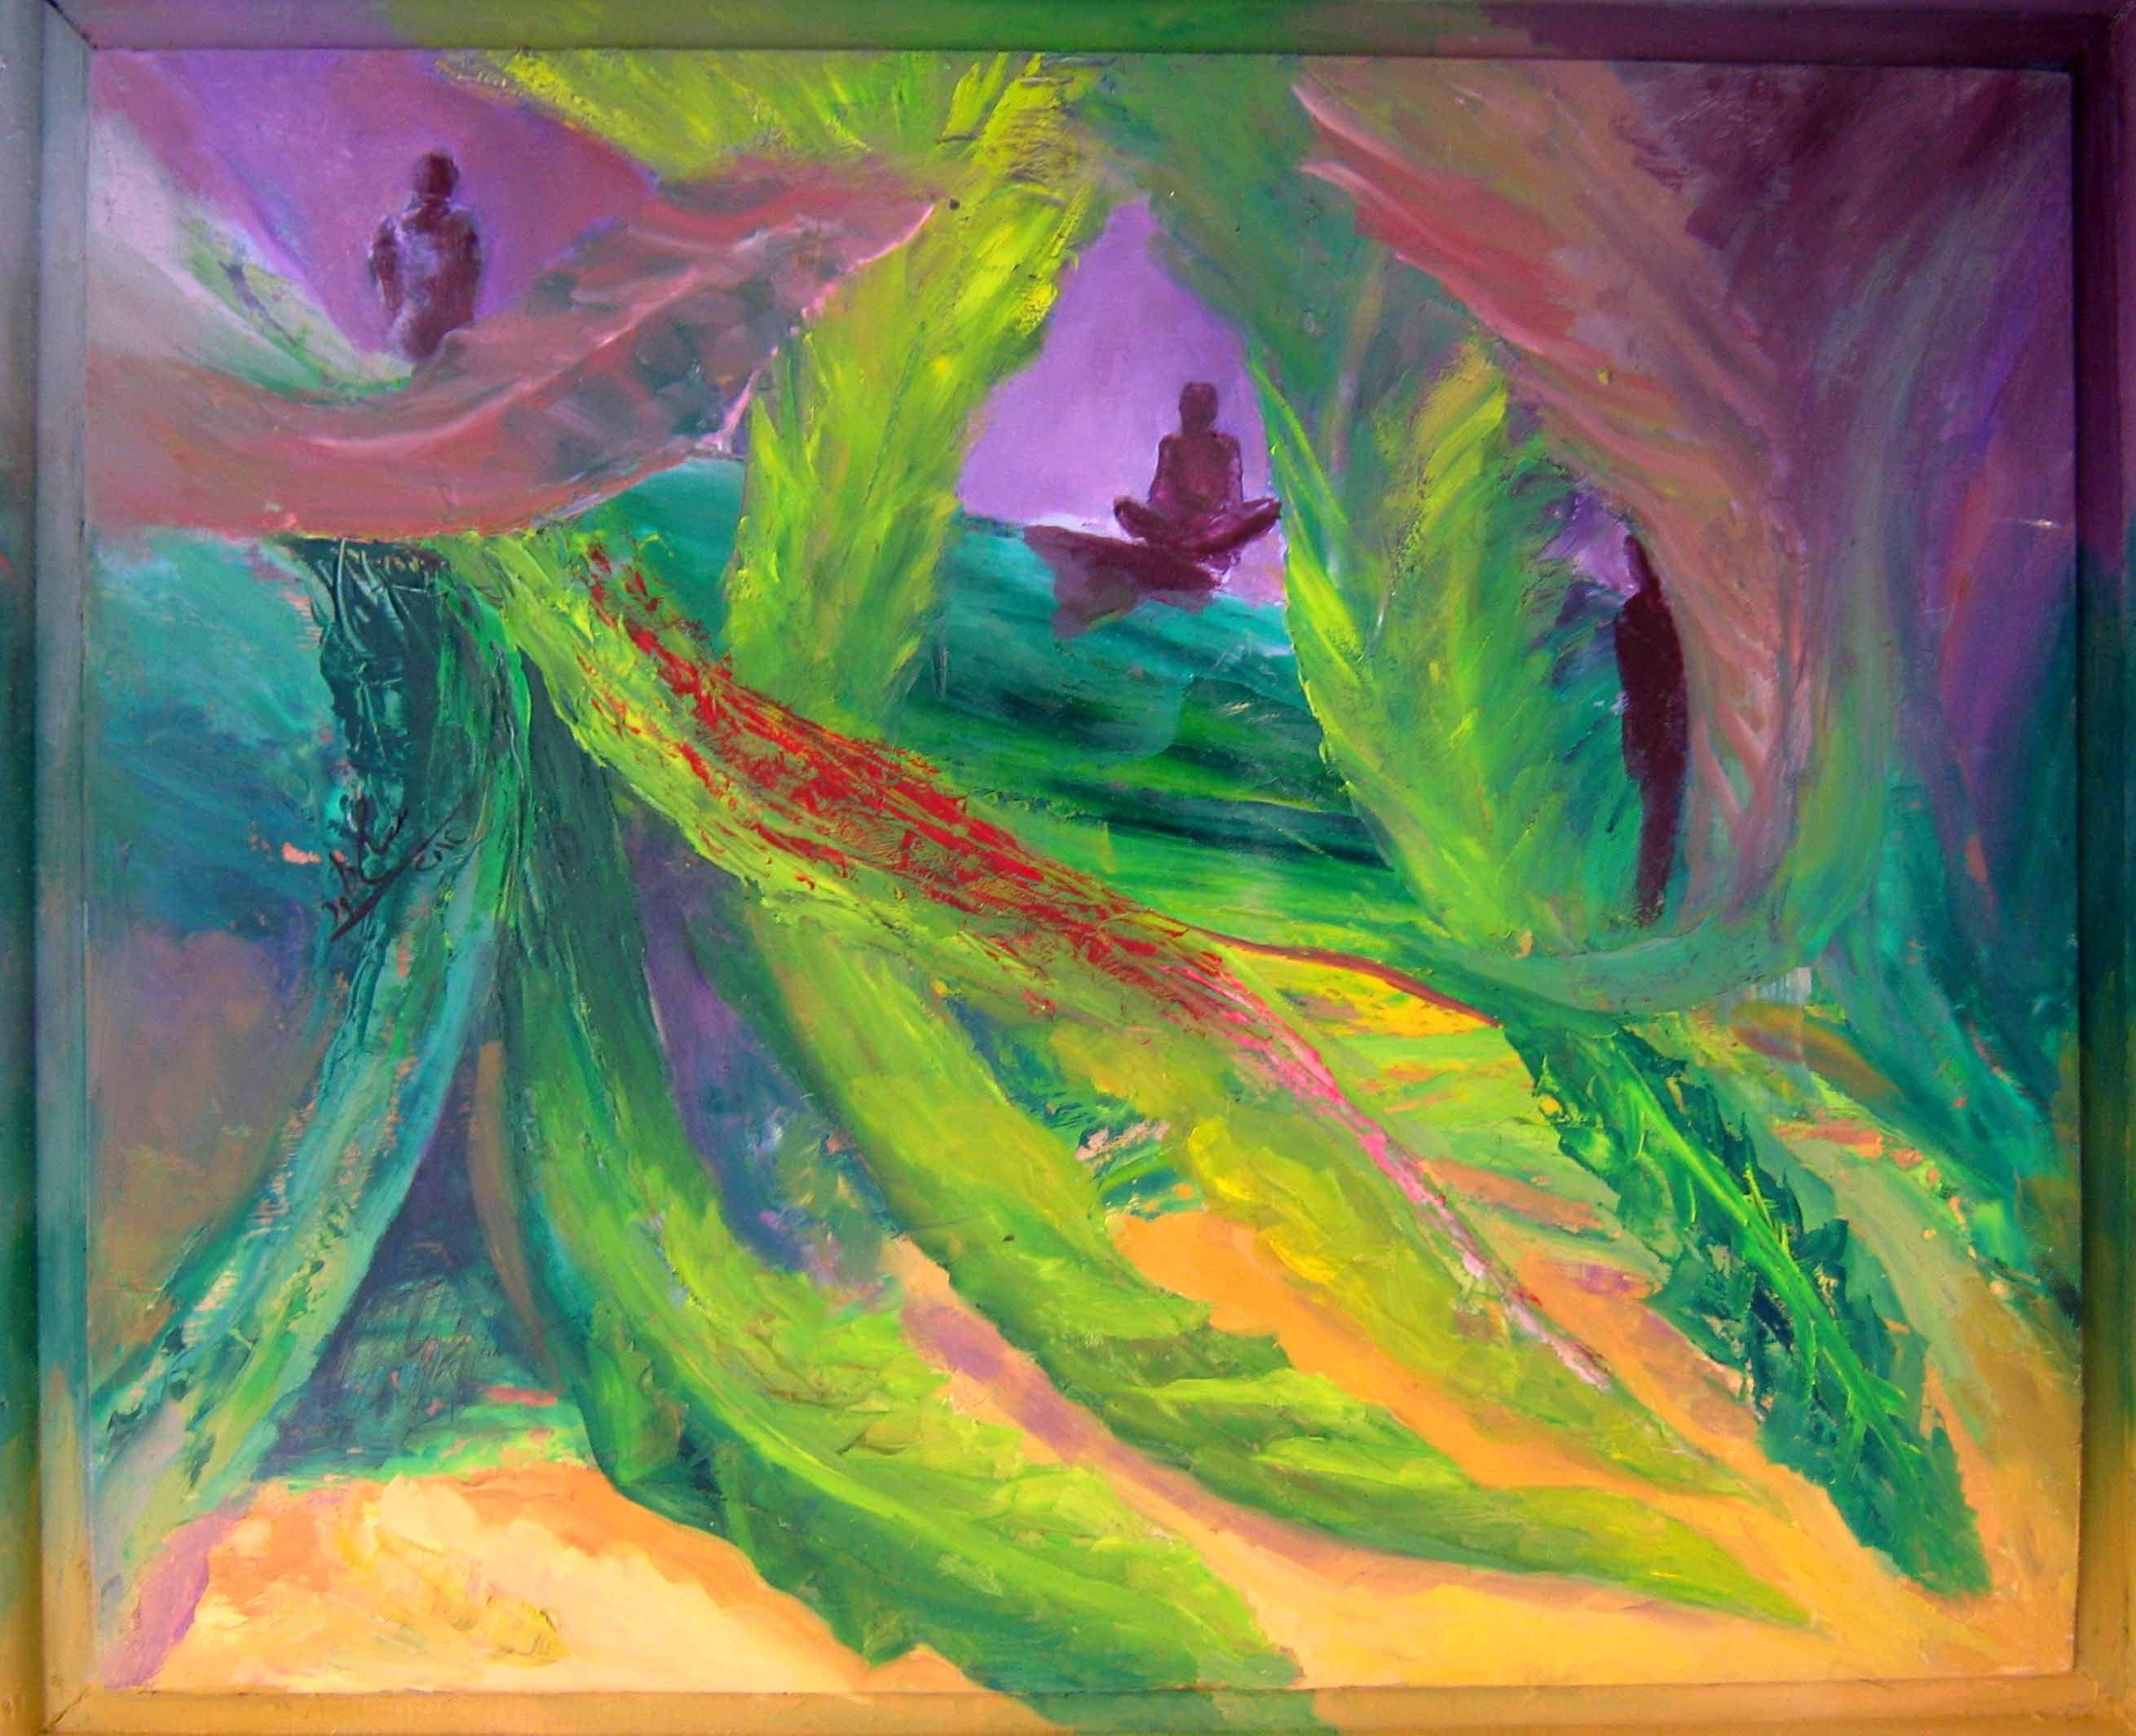 نحمل الخس لمصر ألوان زيتية على خشب مقاس 40 50 سم Painting Art